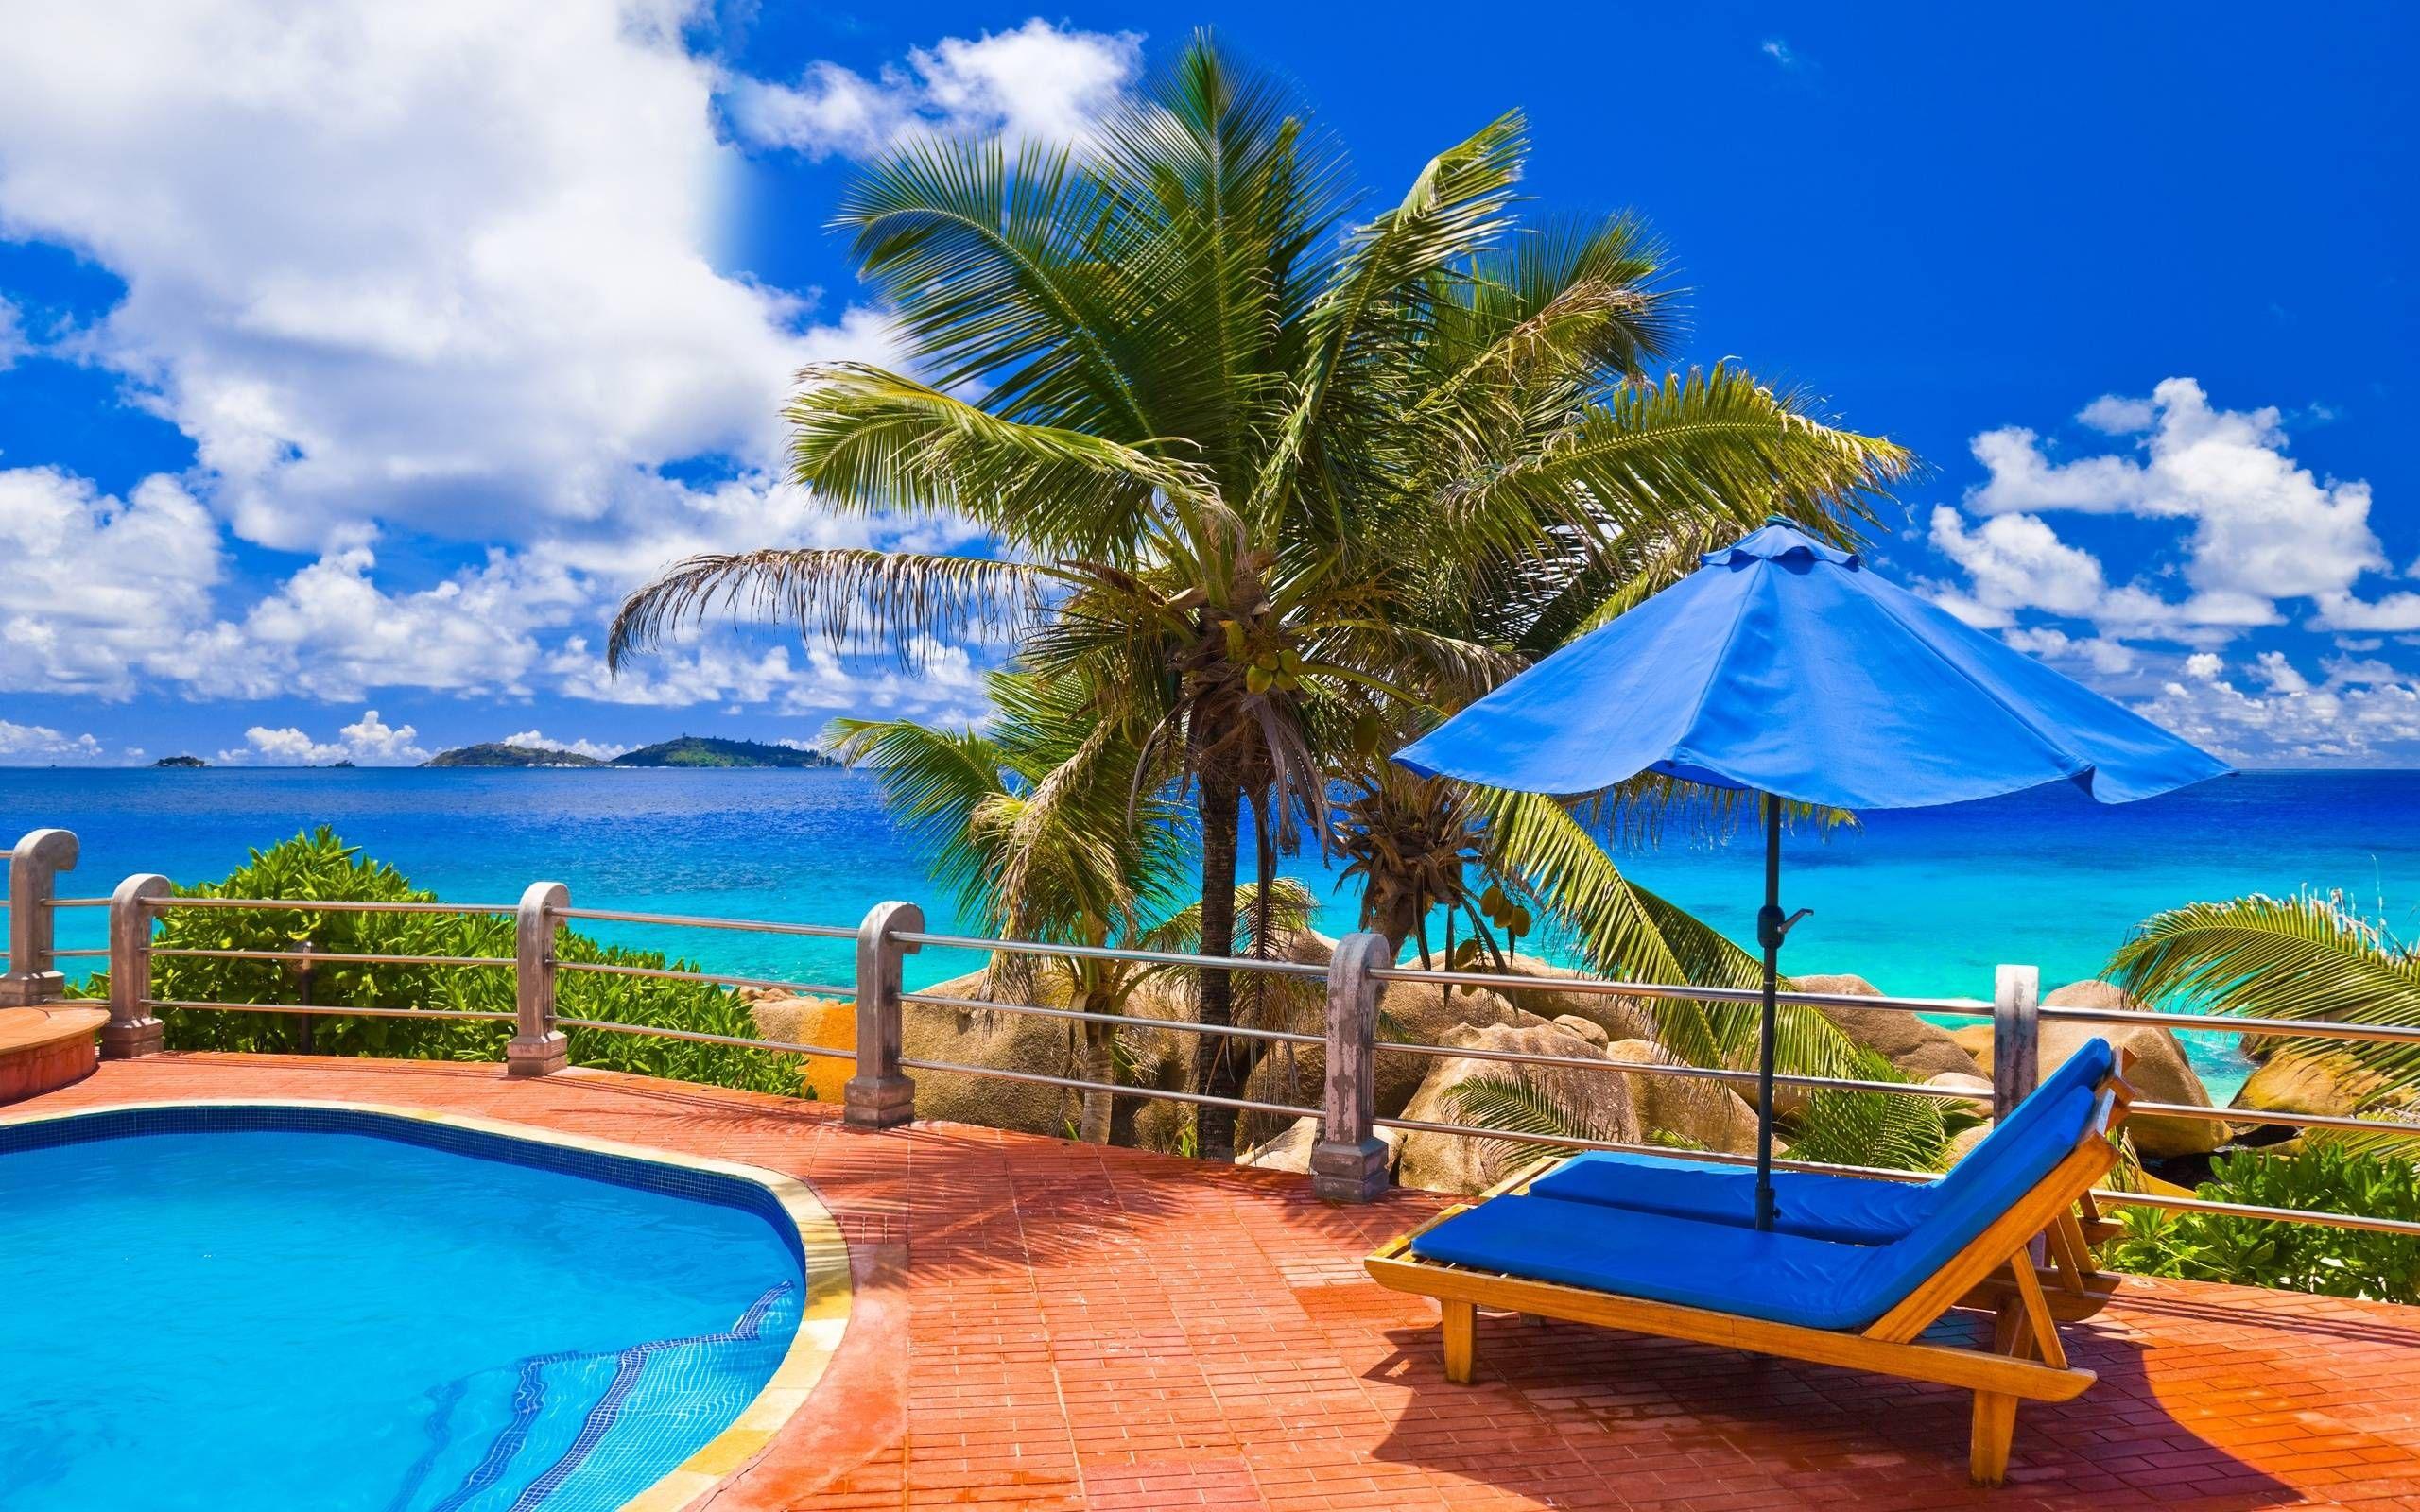 Hd Summer Desktop Backgrounds Wallpapers Backgrounds Images Art Photos Summer Wallpaper Beach Wallpaper Paradise Pools